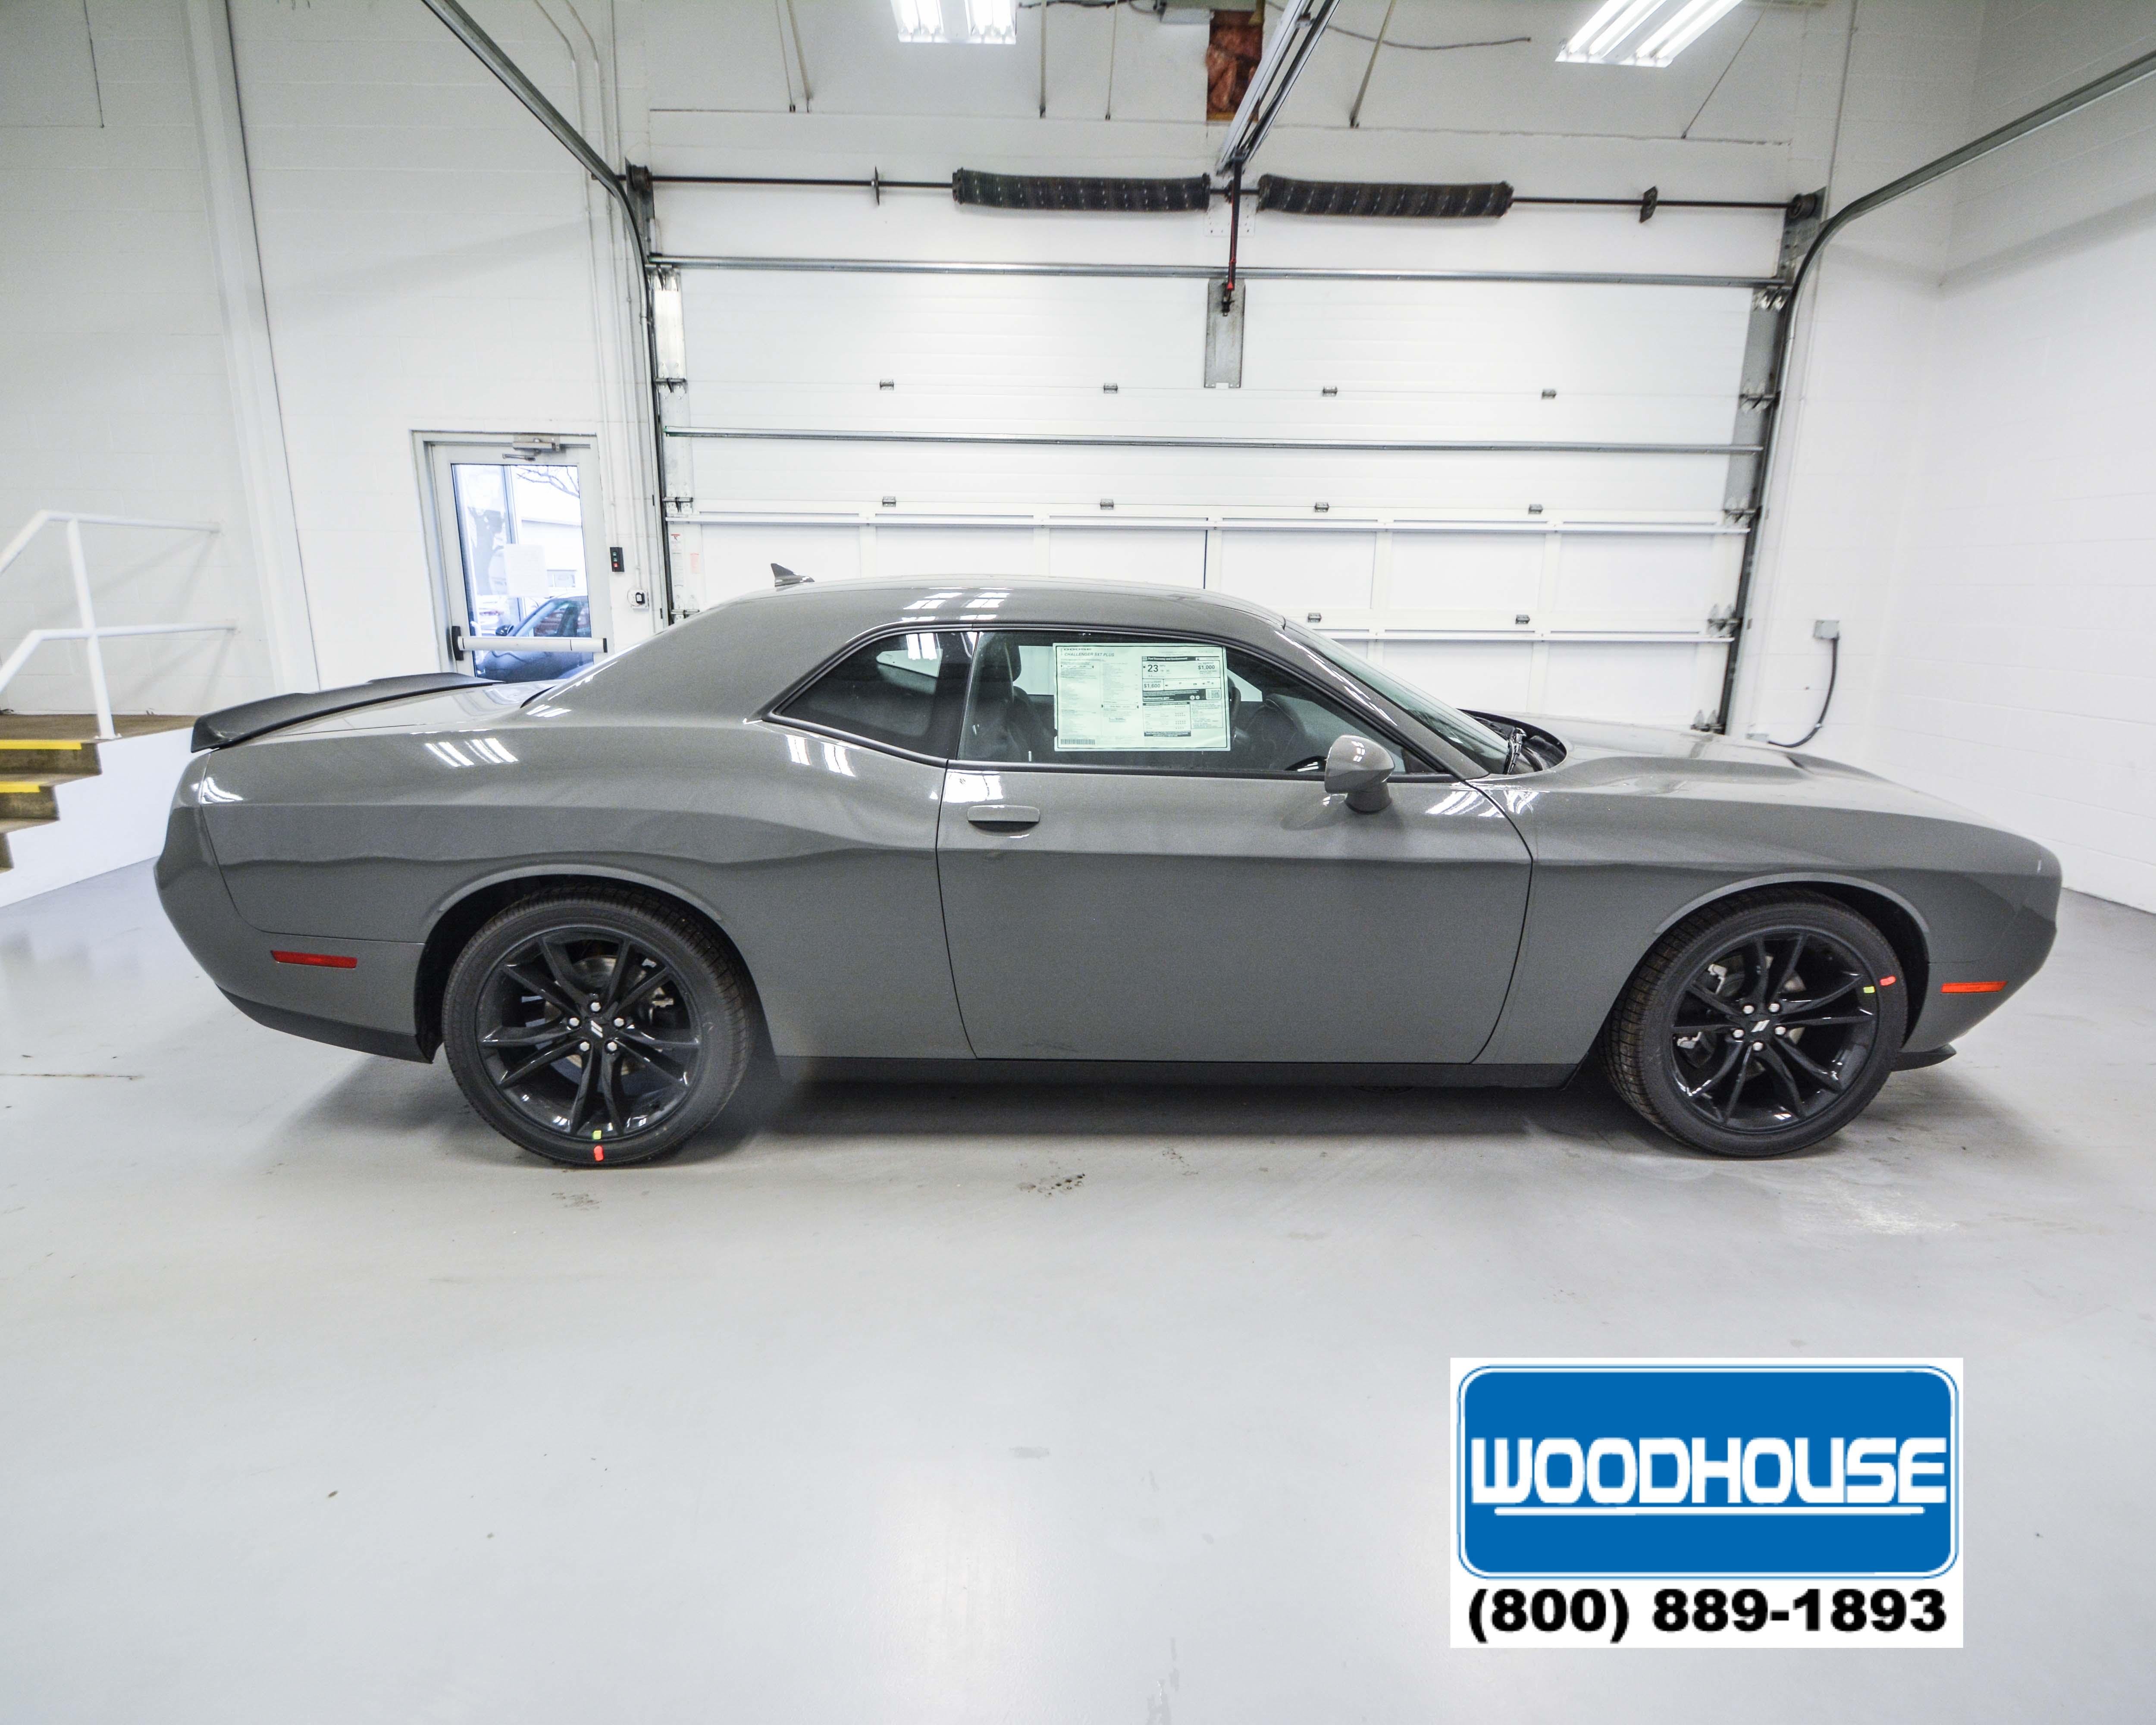 Woodhouse Dodge Hail Sale Autos Post